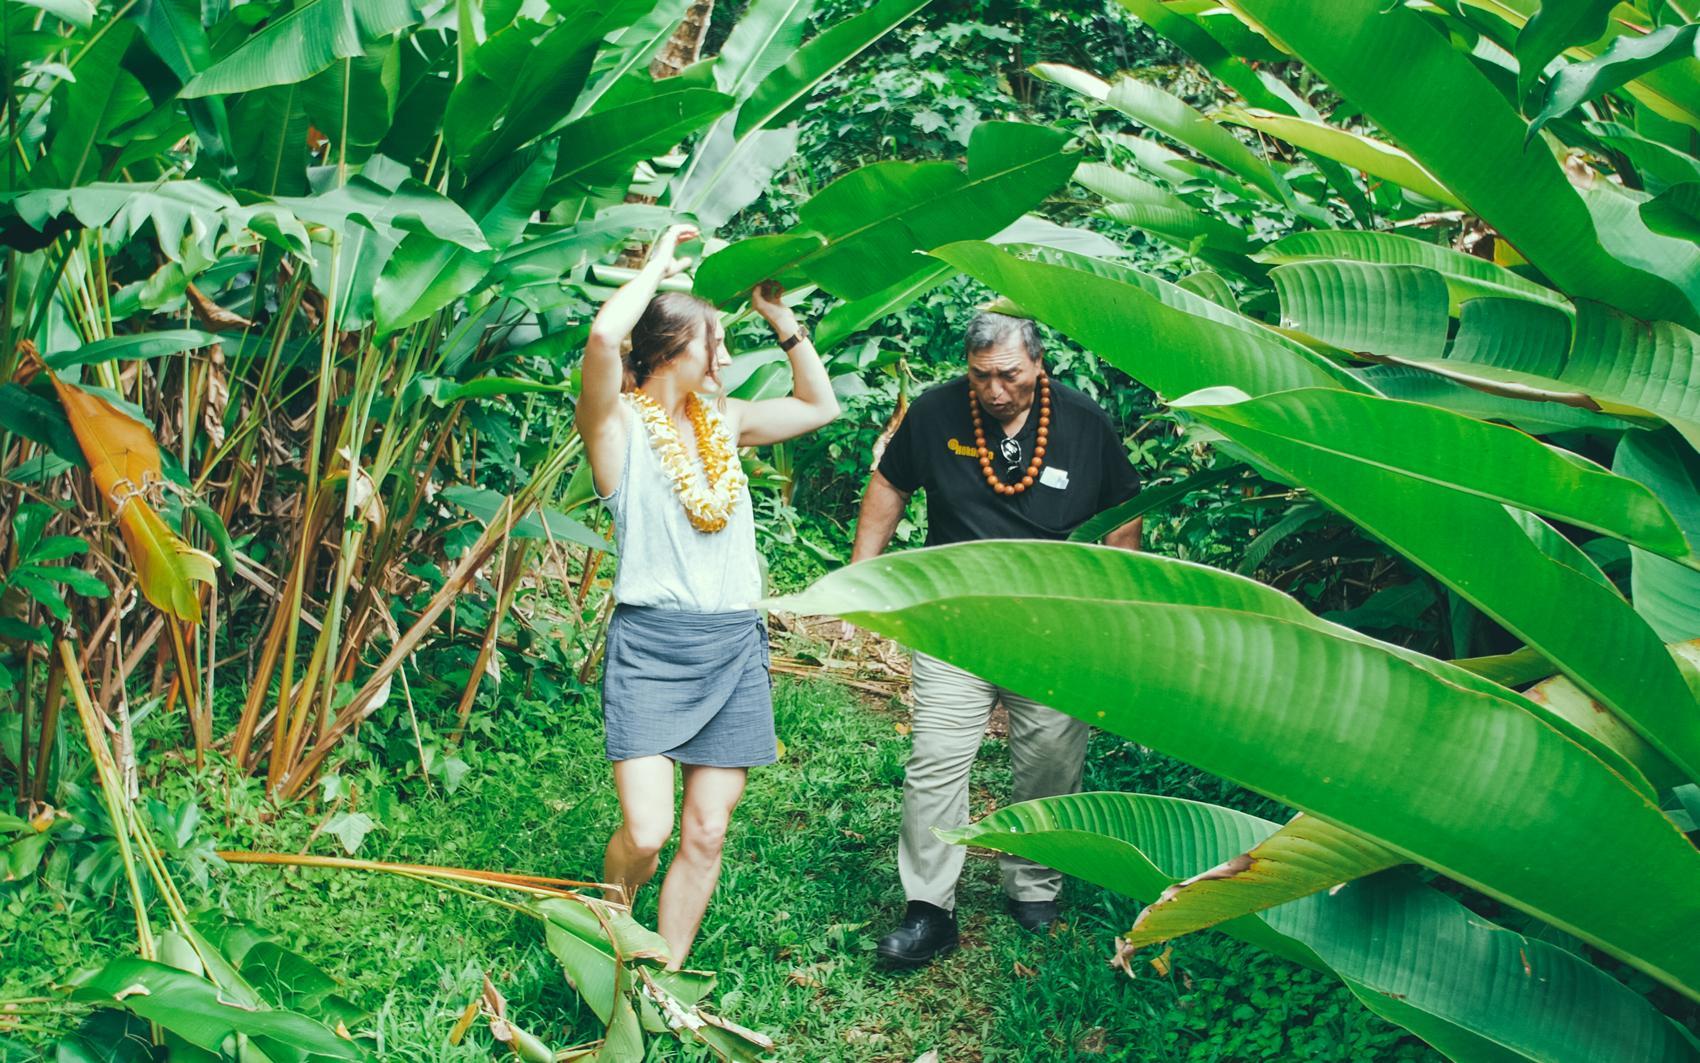 5 ways to experience aloha